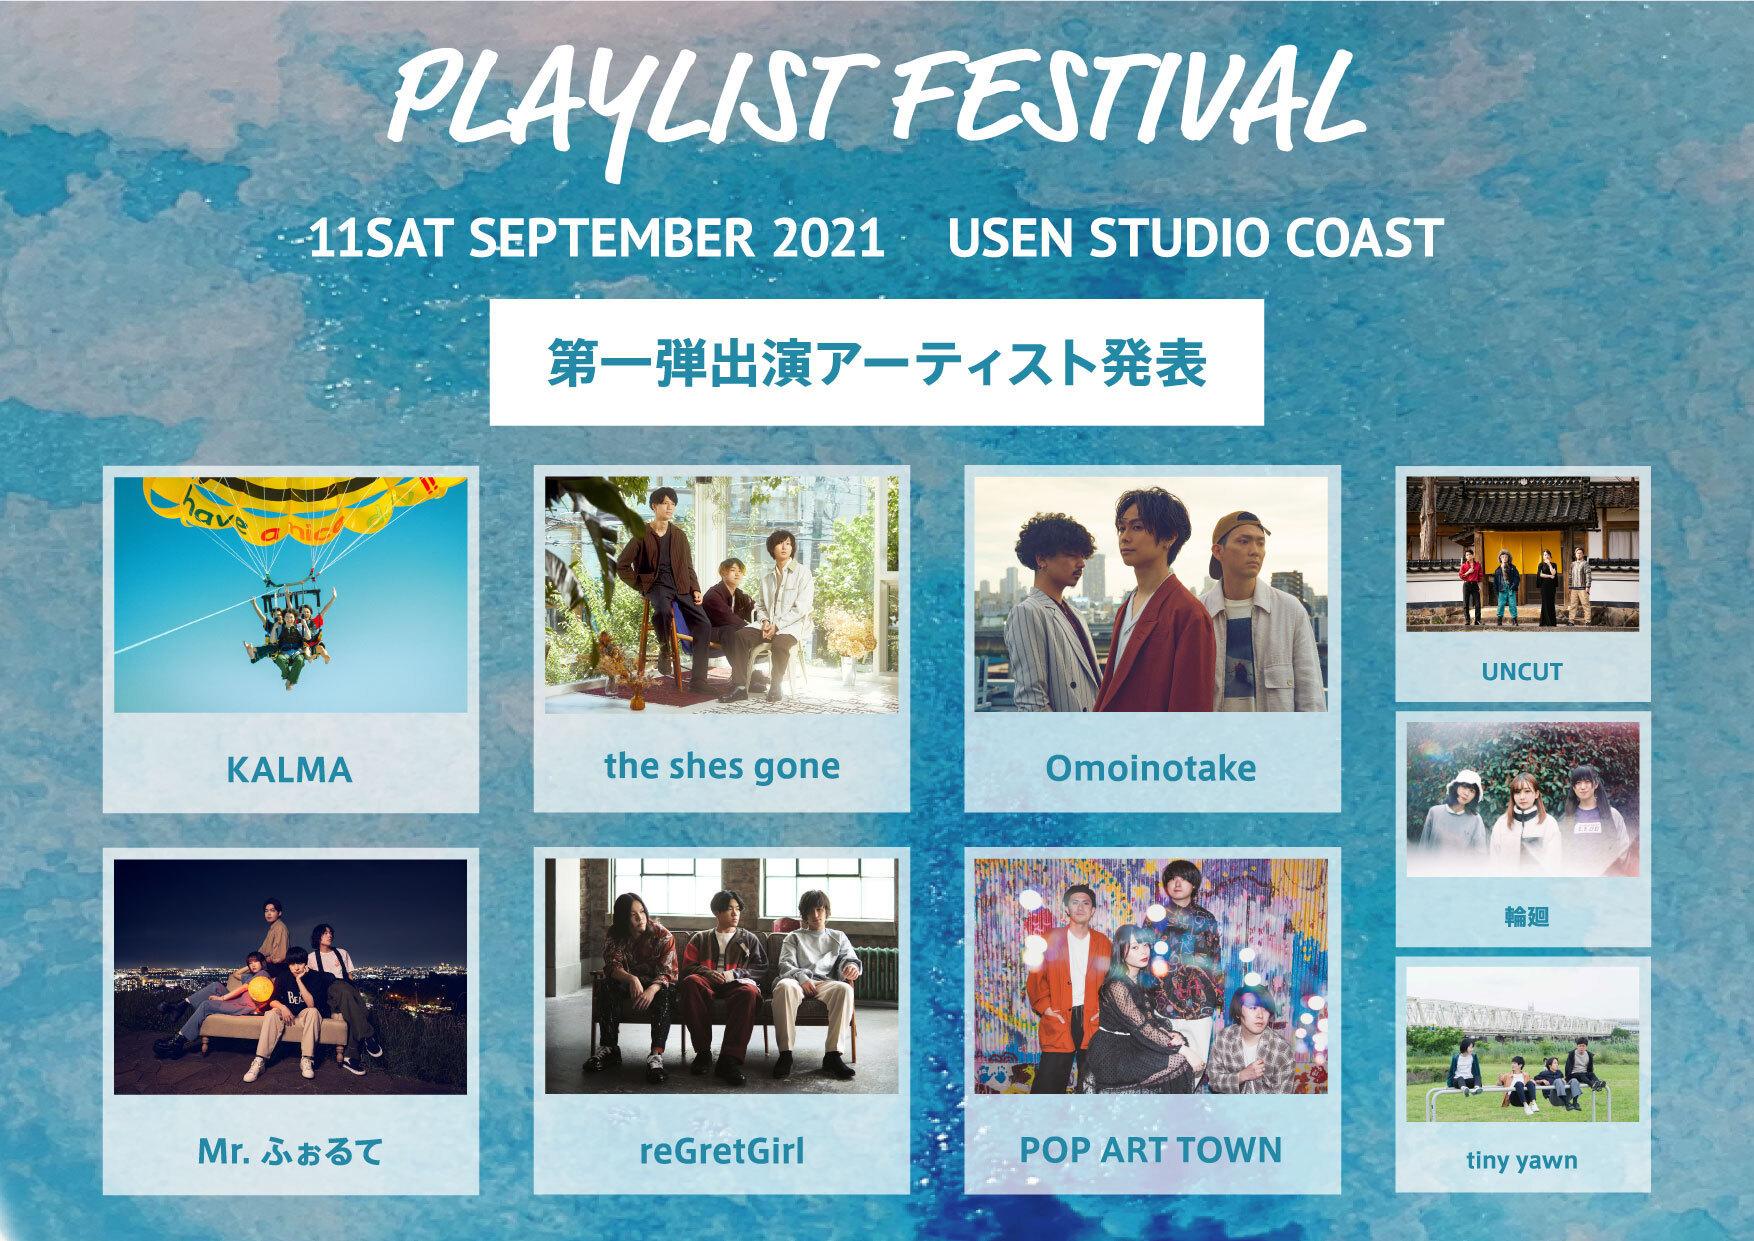 『PLAYLIST FESTIVAL2021』第1弾出演アーティスト